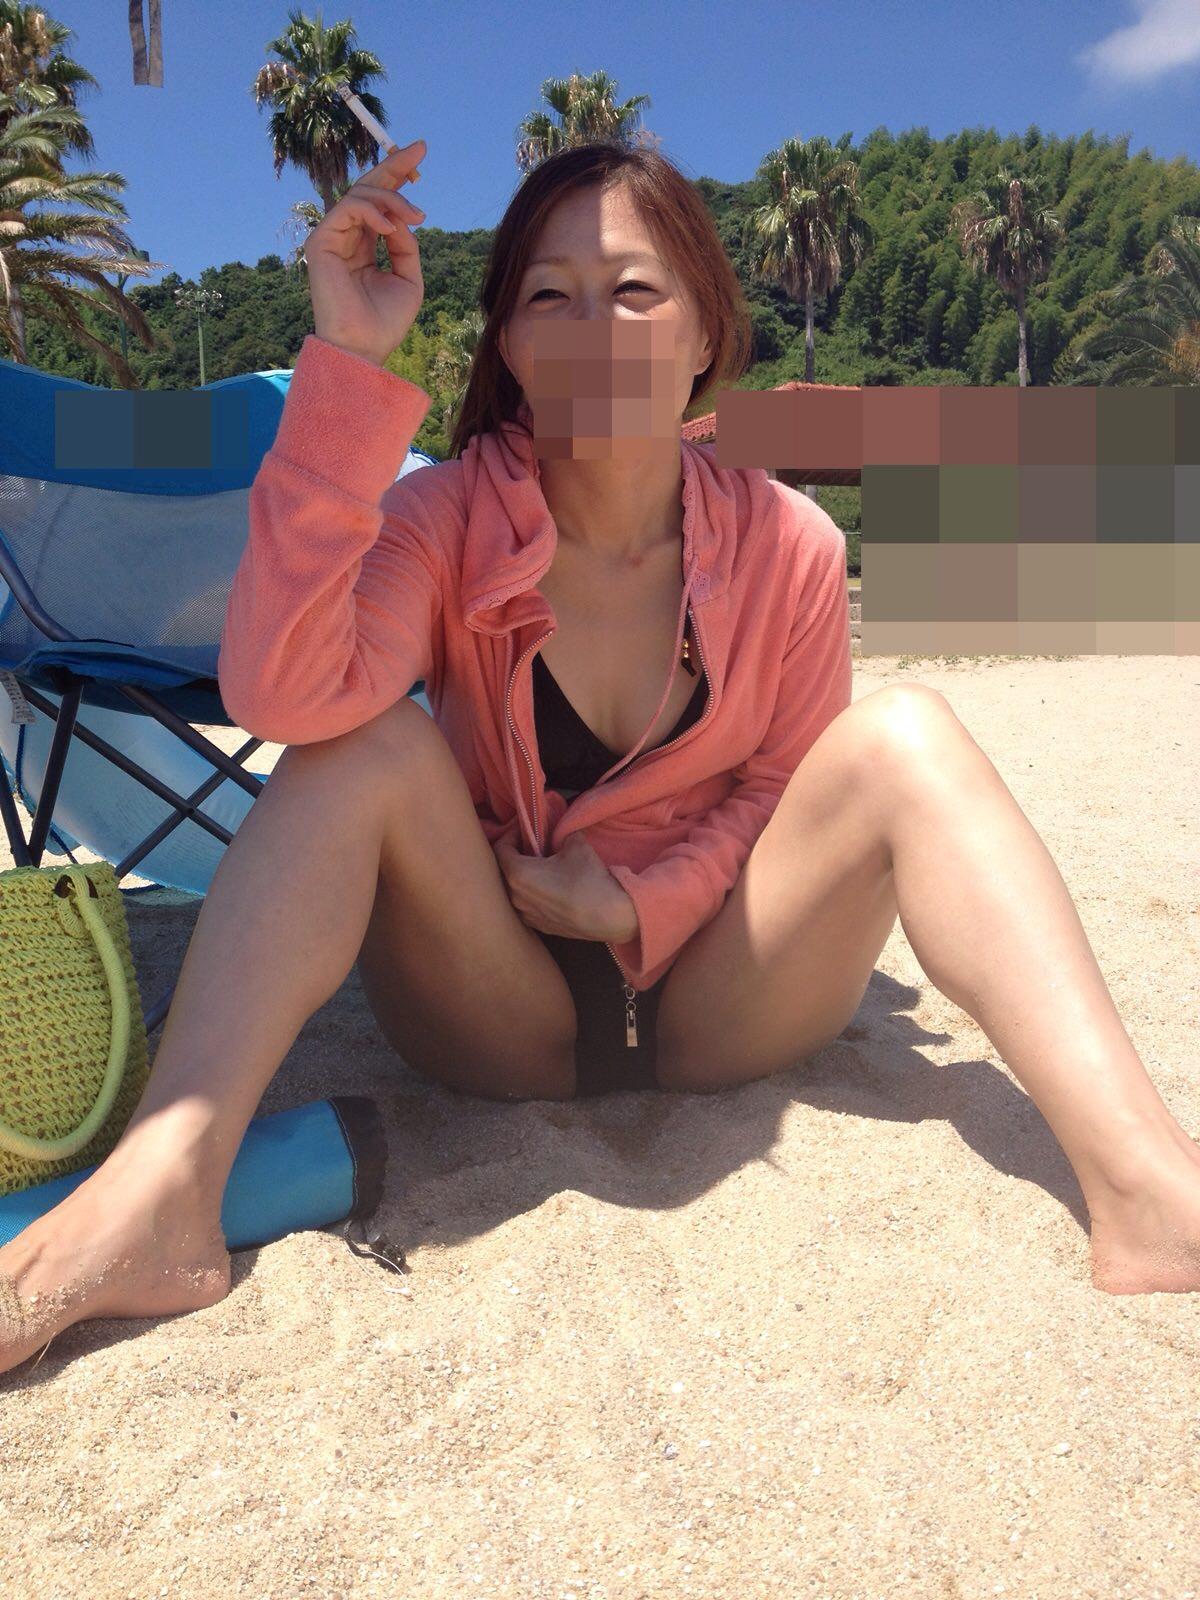 ガチ現役ナースの彼女を強制ハメ撮りしたヤバい画像がネットに流出wwwww 2113 1